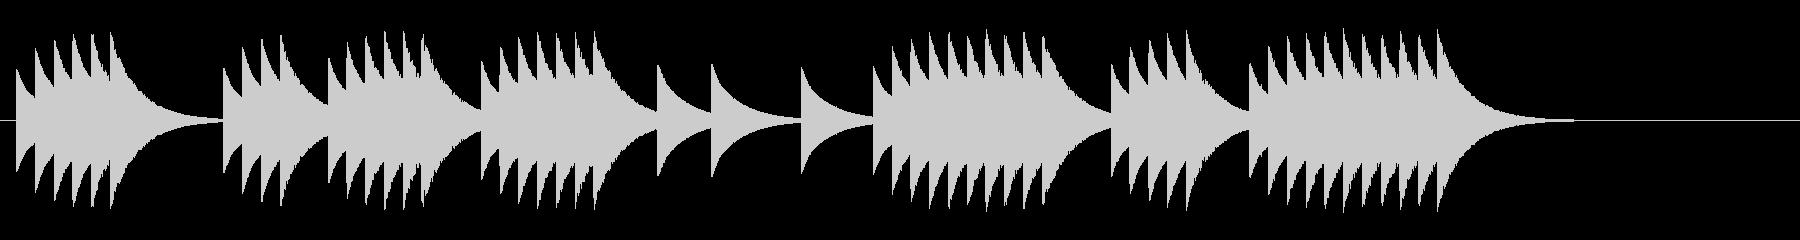 マシンガン連射の長さ組み合わせの未再生の波形